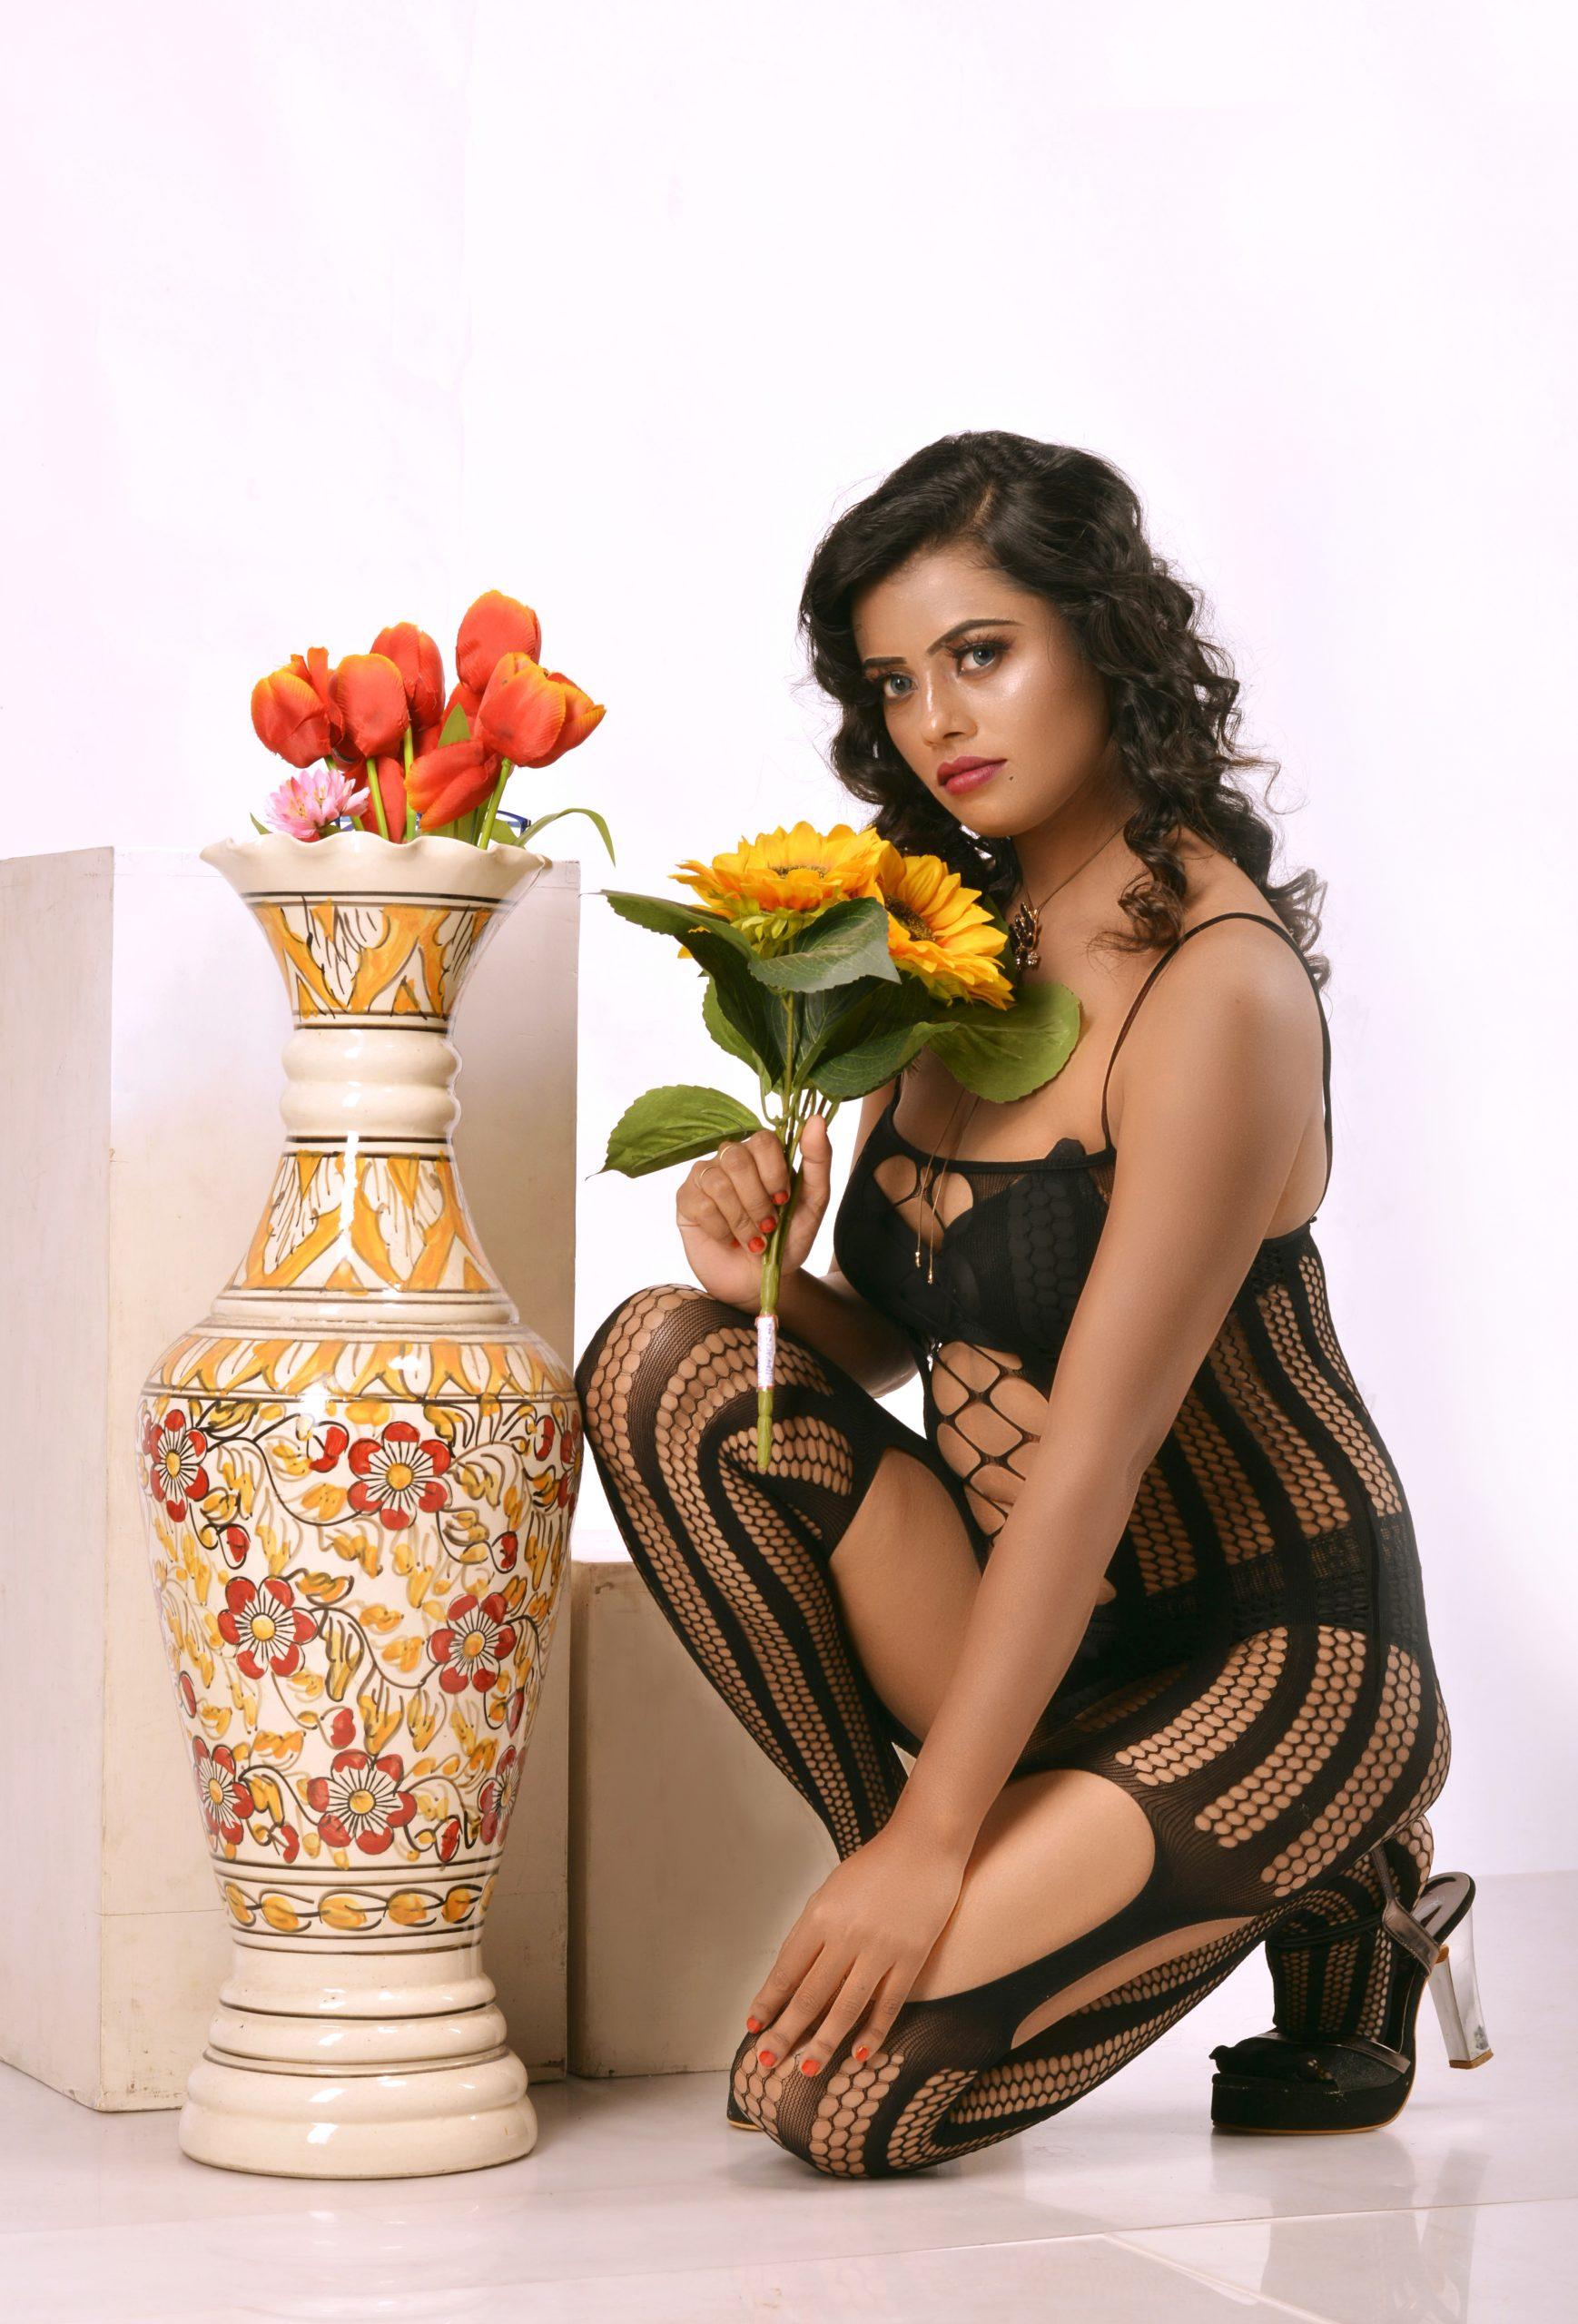 A girl posing near a flower pot